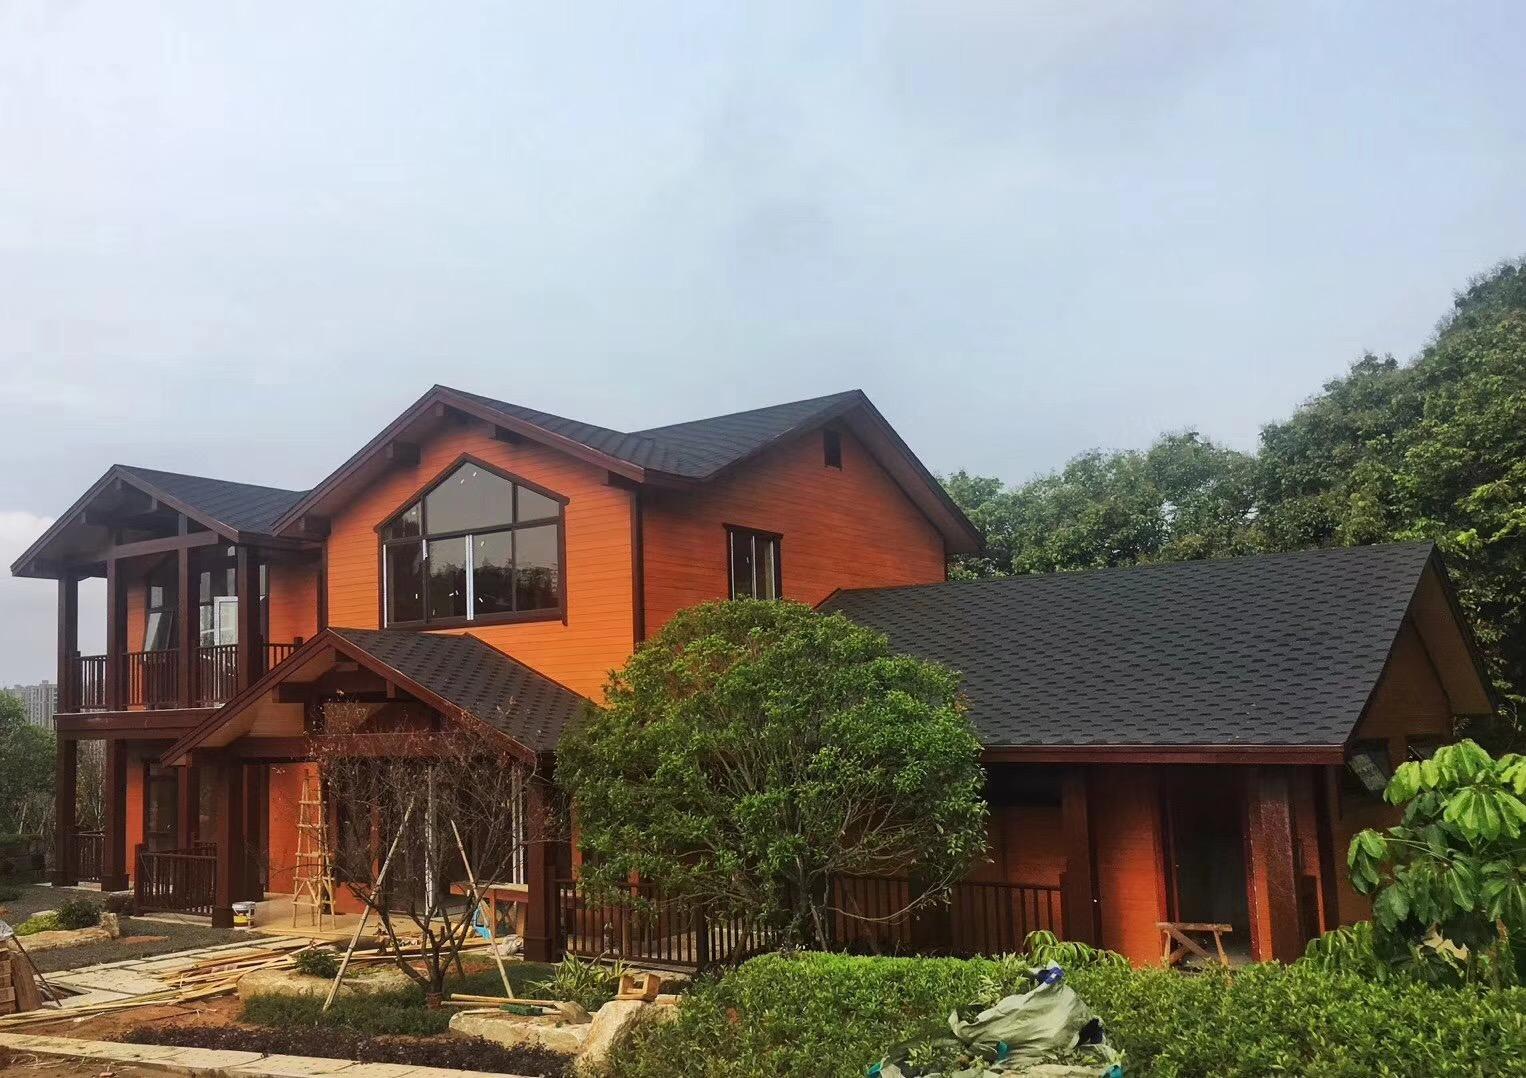 优惠的胶合木框架结构房屋哪里有卖,厦门泉州胶合木哪家好